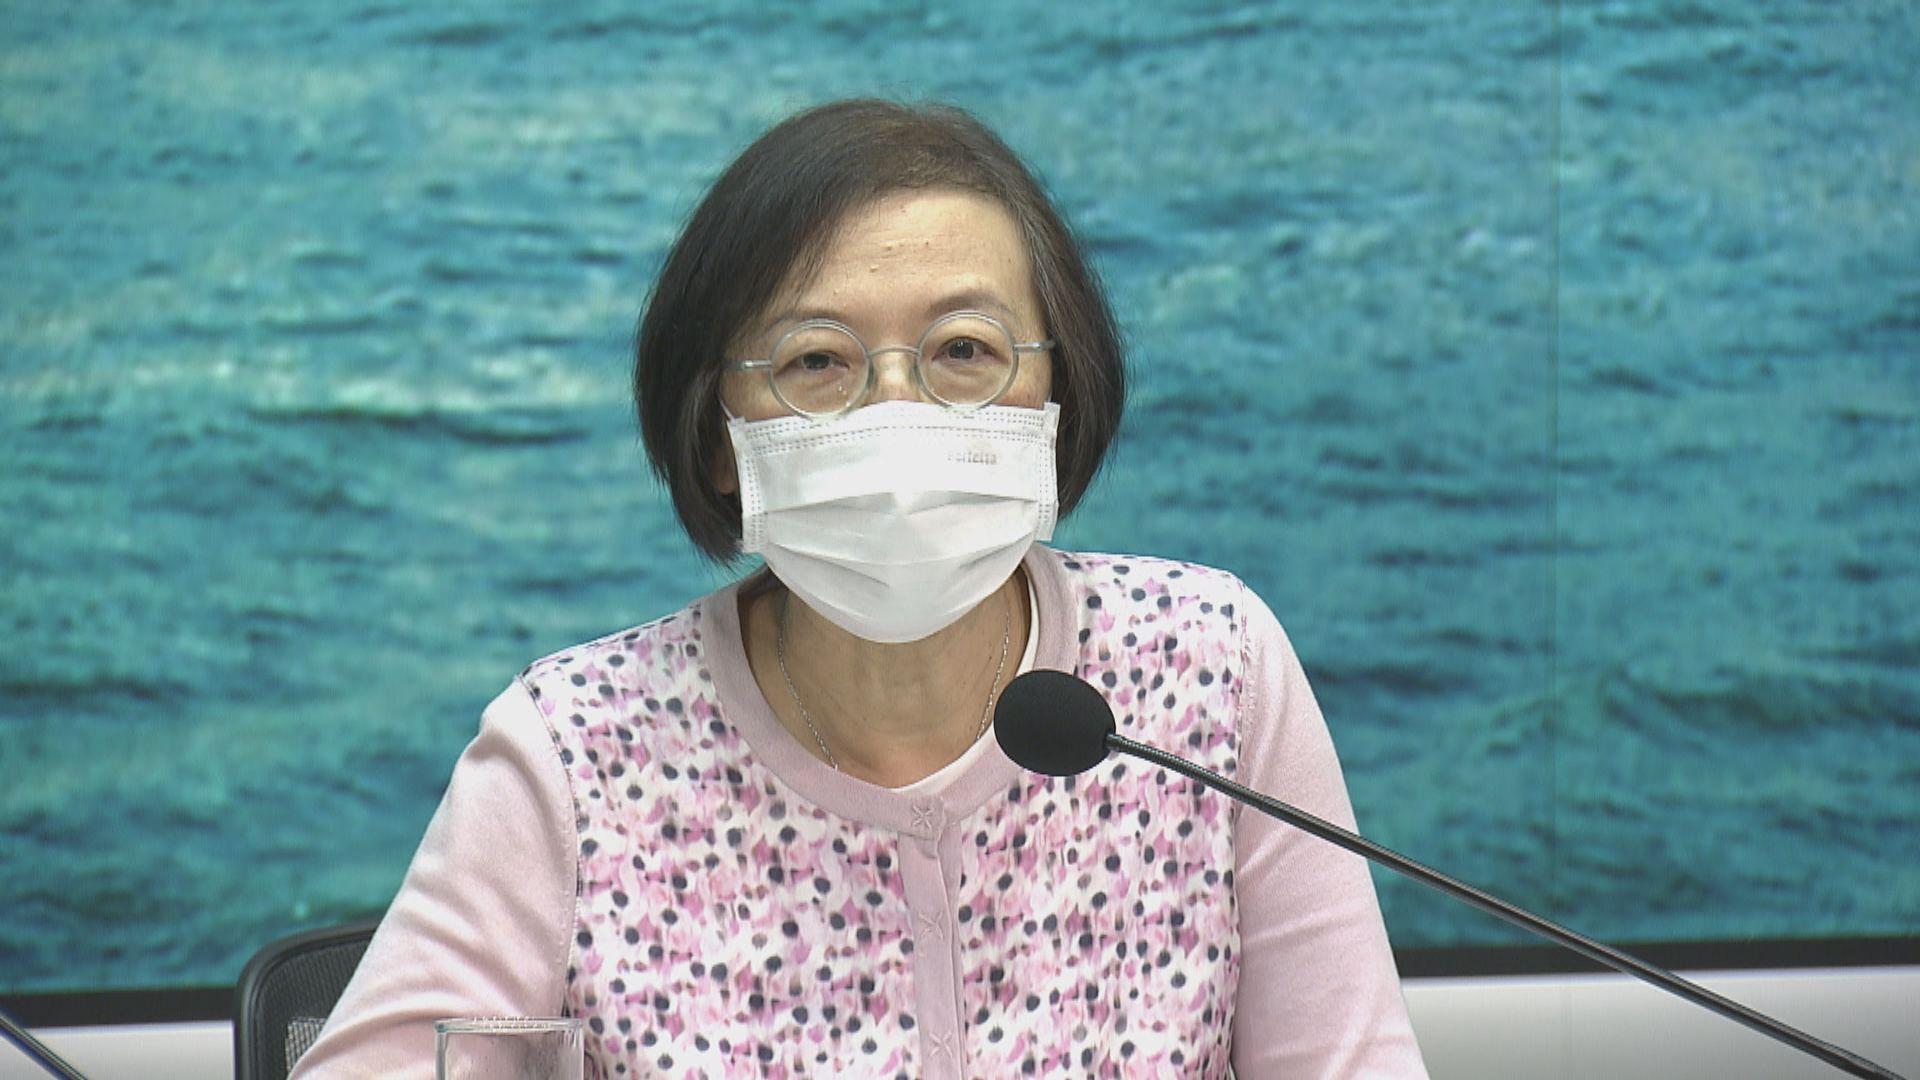 陳肇始:公眾場所難以控制市民有否跟從防疫措施